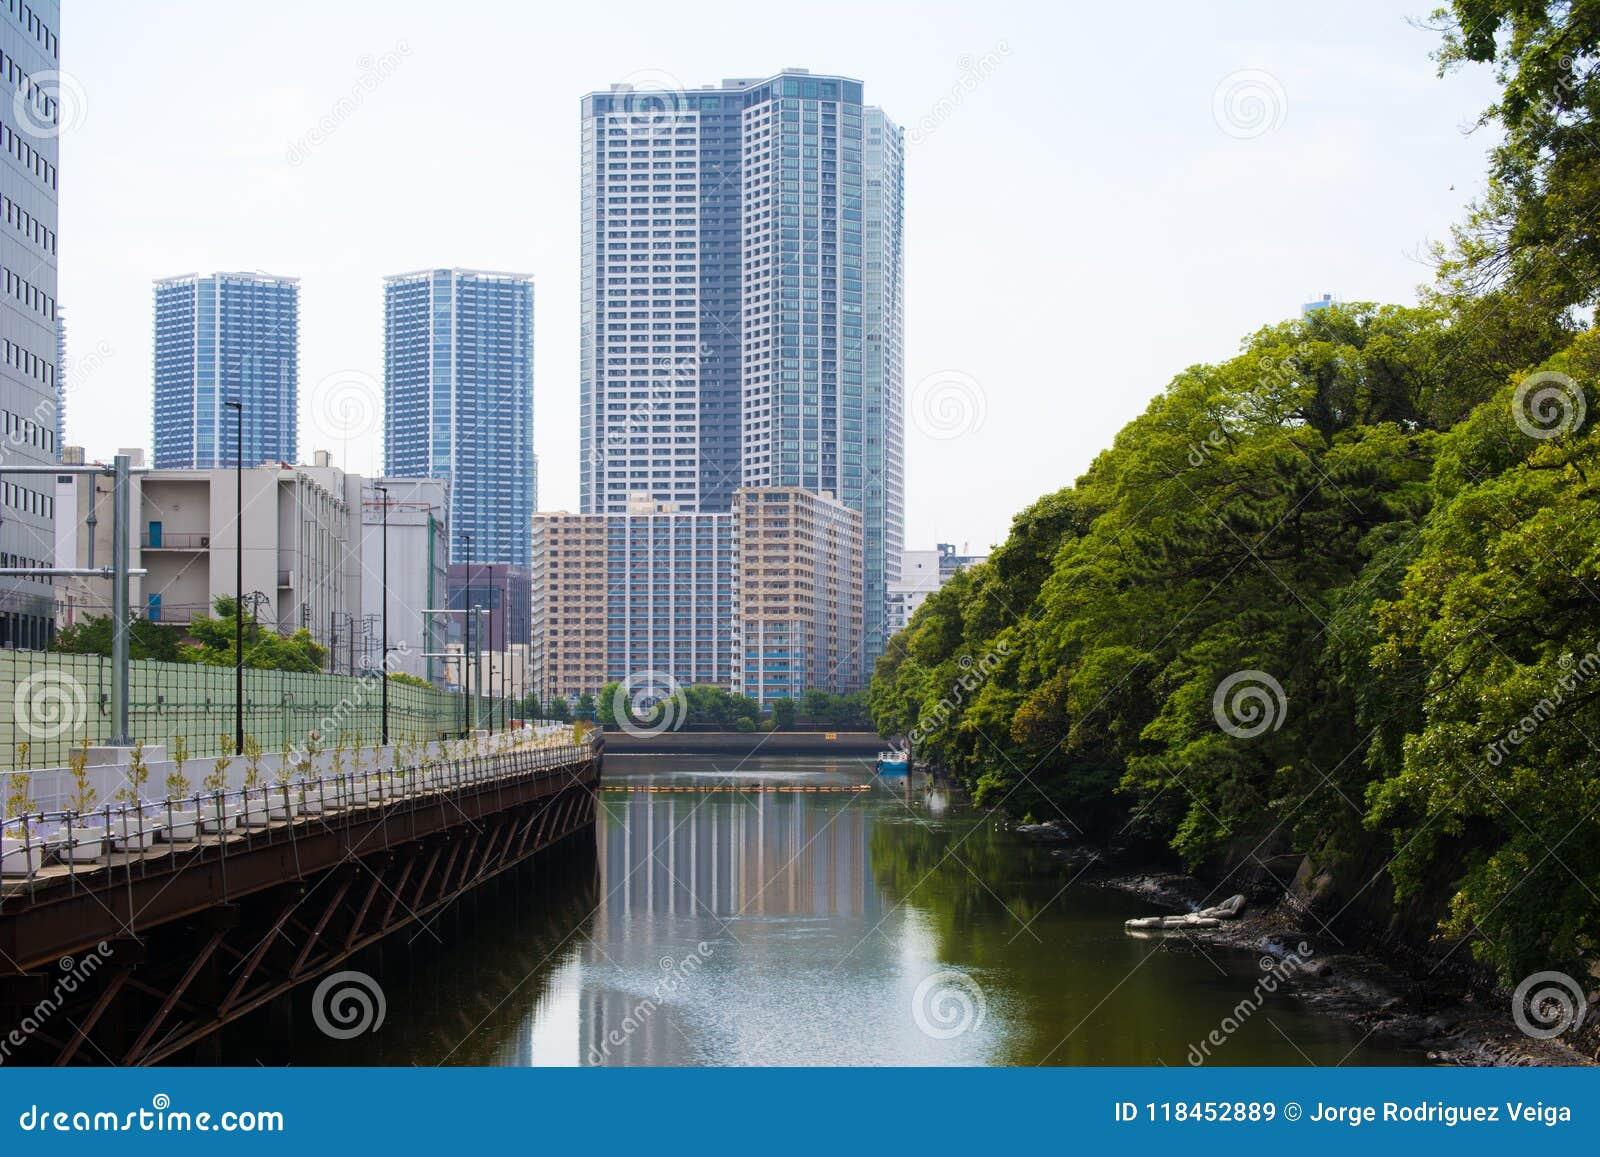 Tóquio, Japão - 22 de julho de 2017